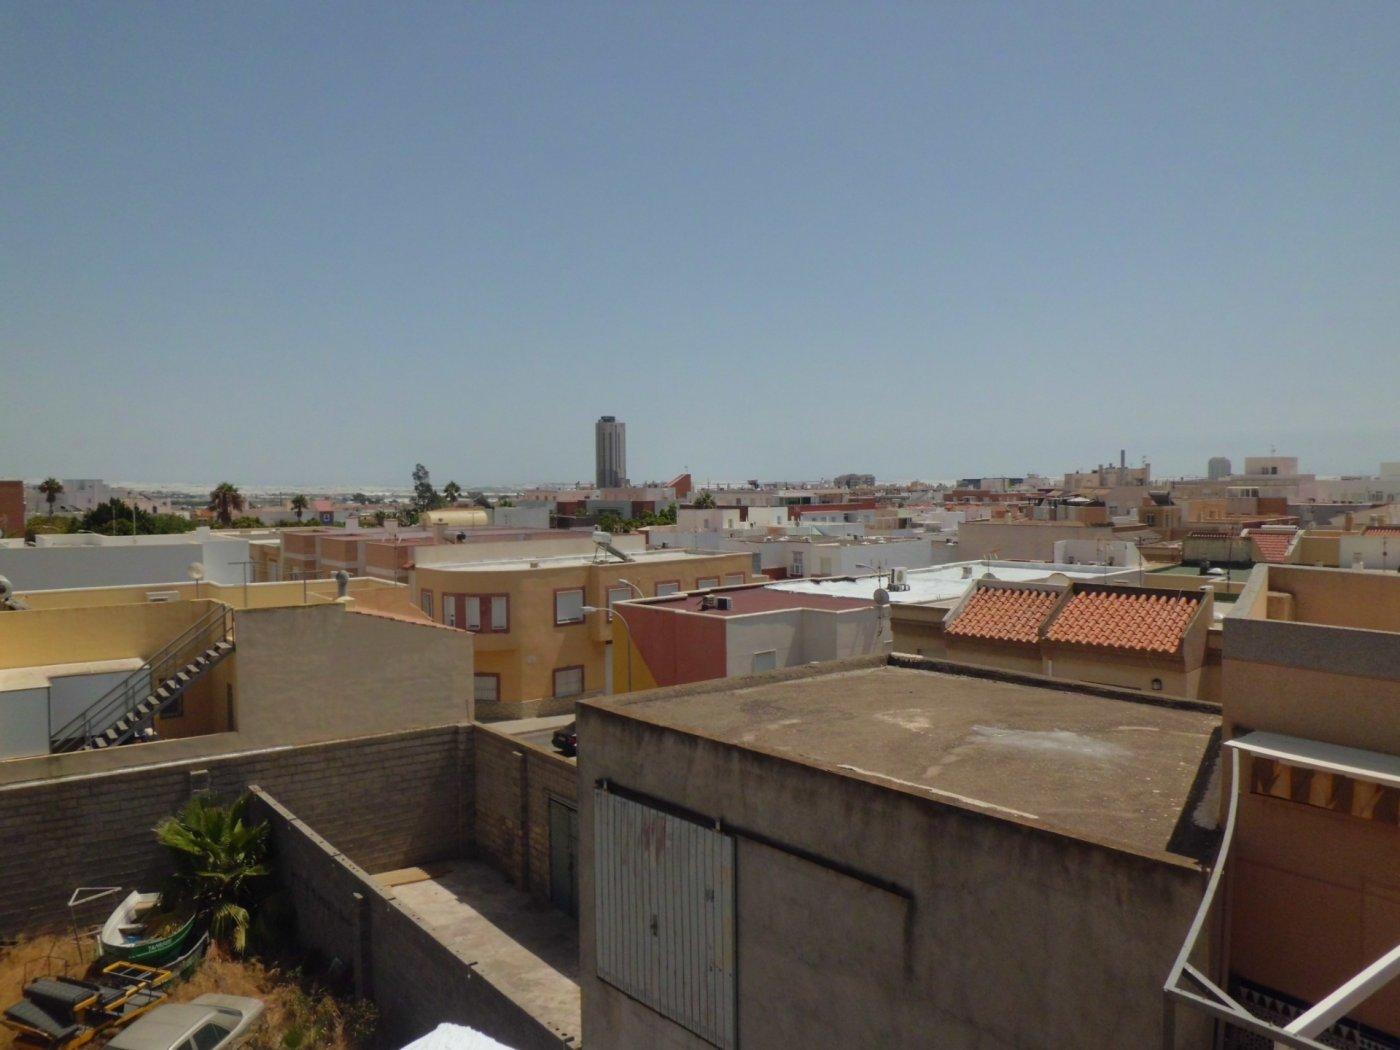 Vivienda sobre almacén en El Ejido - Ejido norte